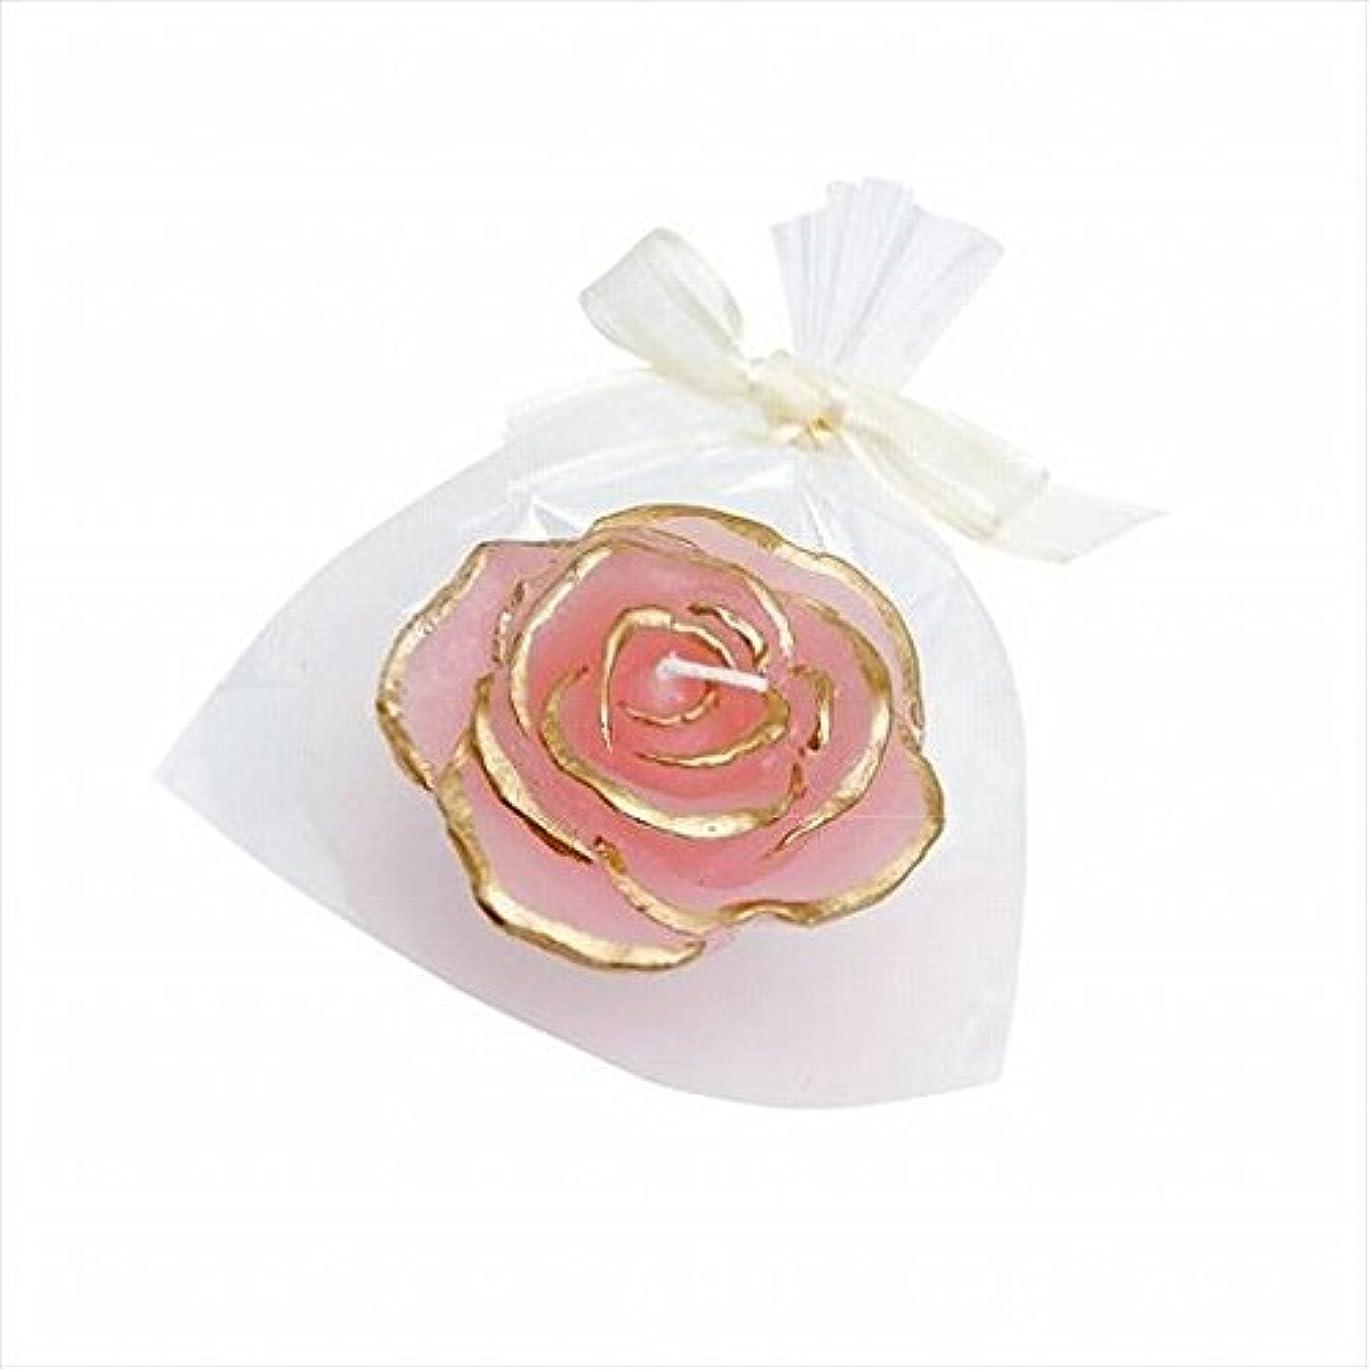 ホールド通信網組み合わせkameyama candle(カメヤマキャンドル) プリンセスローズ 「 ピンク 」(A6390500PK)